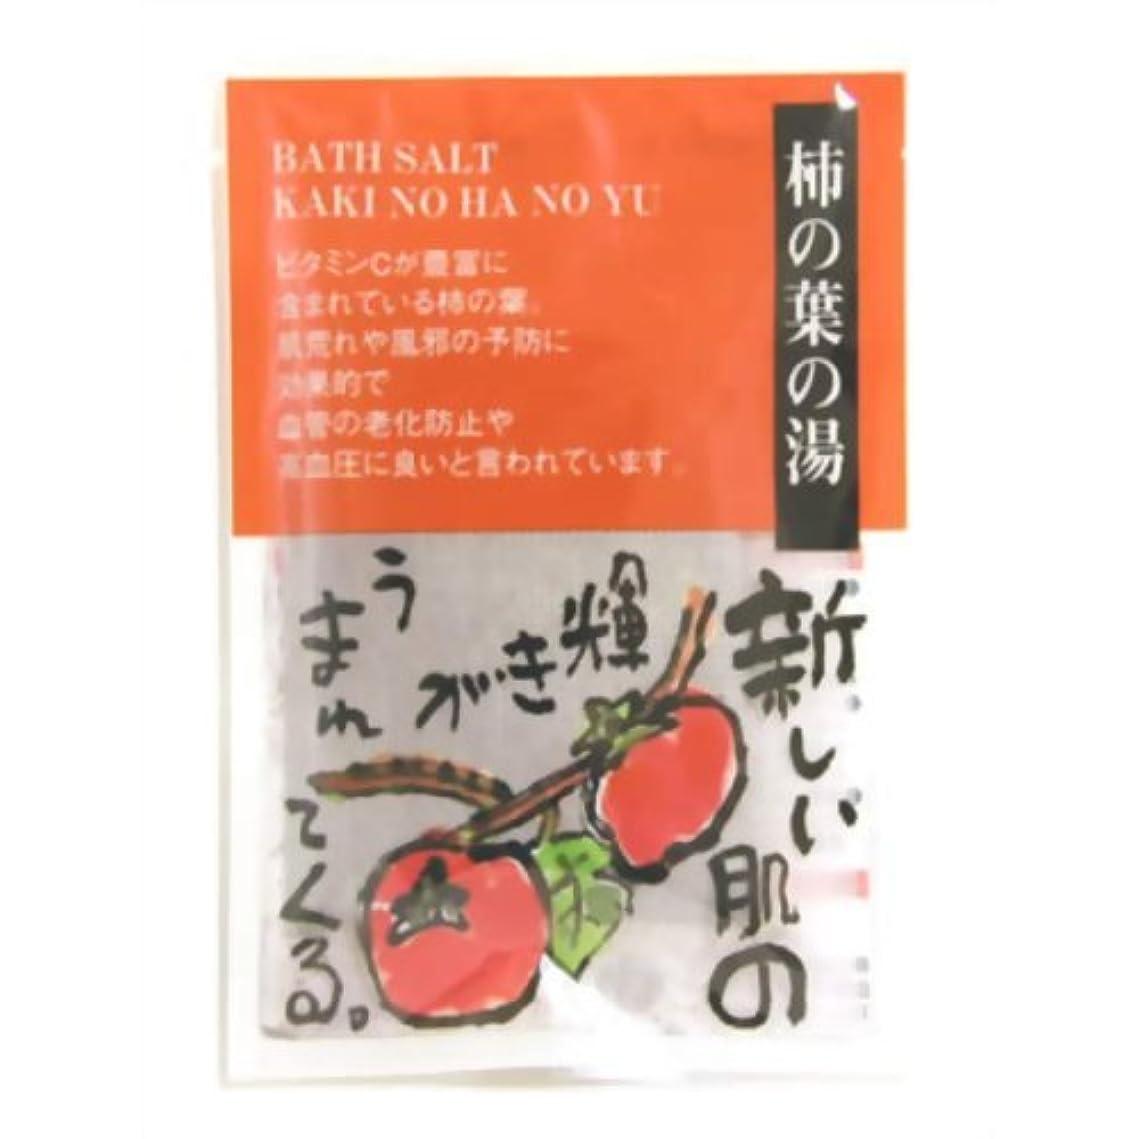 割り込みフック見かけ上和漢の湯 やすらぎ便り 柿の葉の湯(ティーバッグタイプ)(入浴剤 ハーブ)